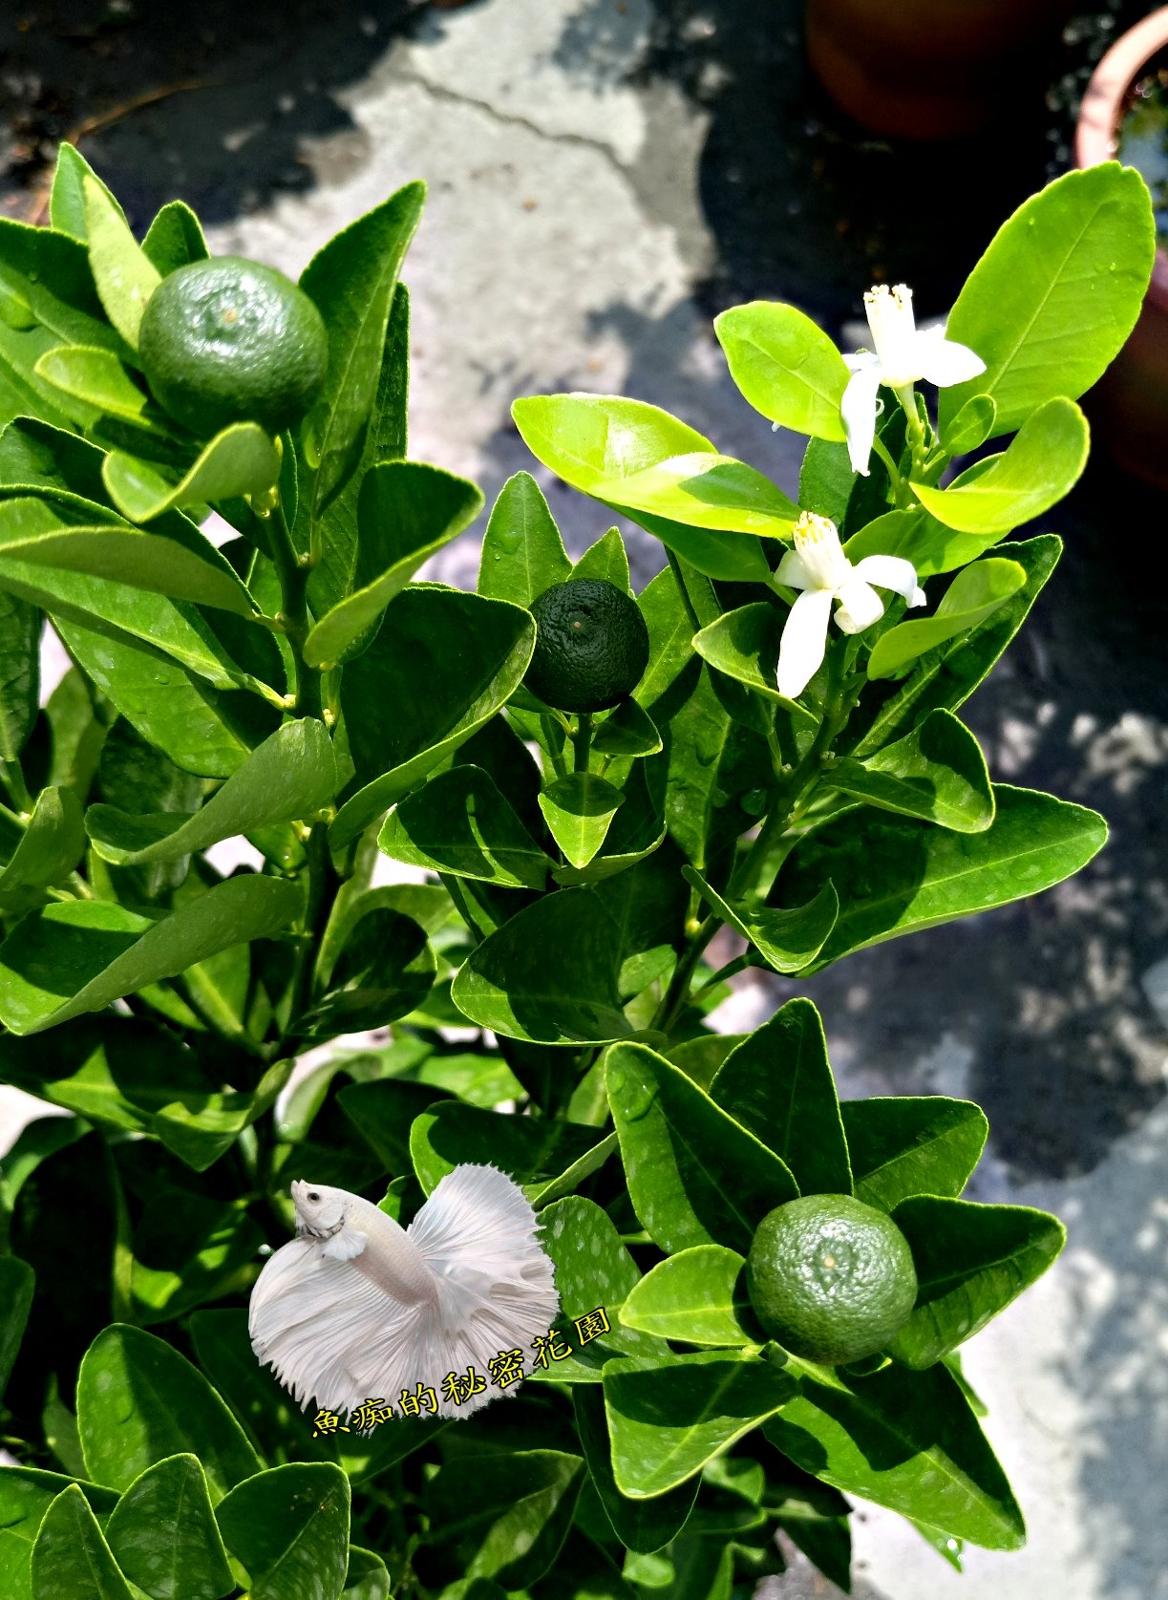 大金桔盆栽金桔檸檬原料6-7吋活體果樹盆栽送禮小品盆栽室外植物